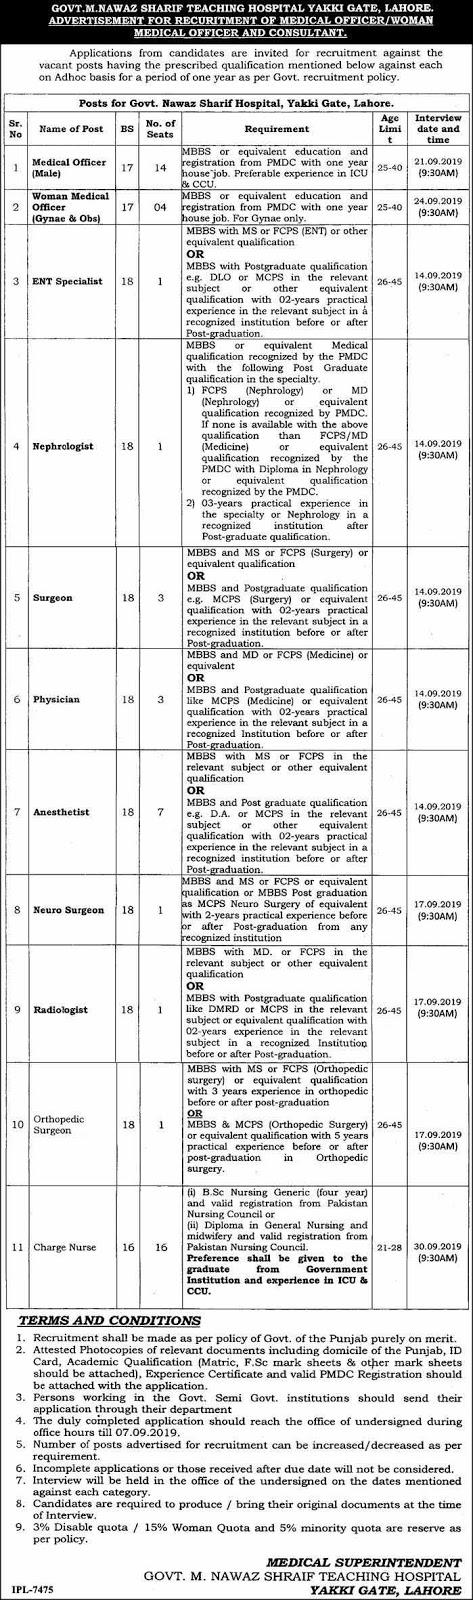 Jobs in Govt Muhammad Nawaz Sharif Hospital 21 August 2019